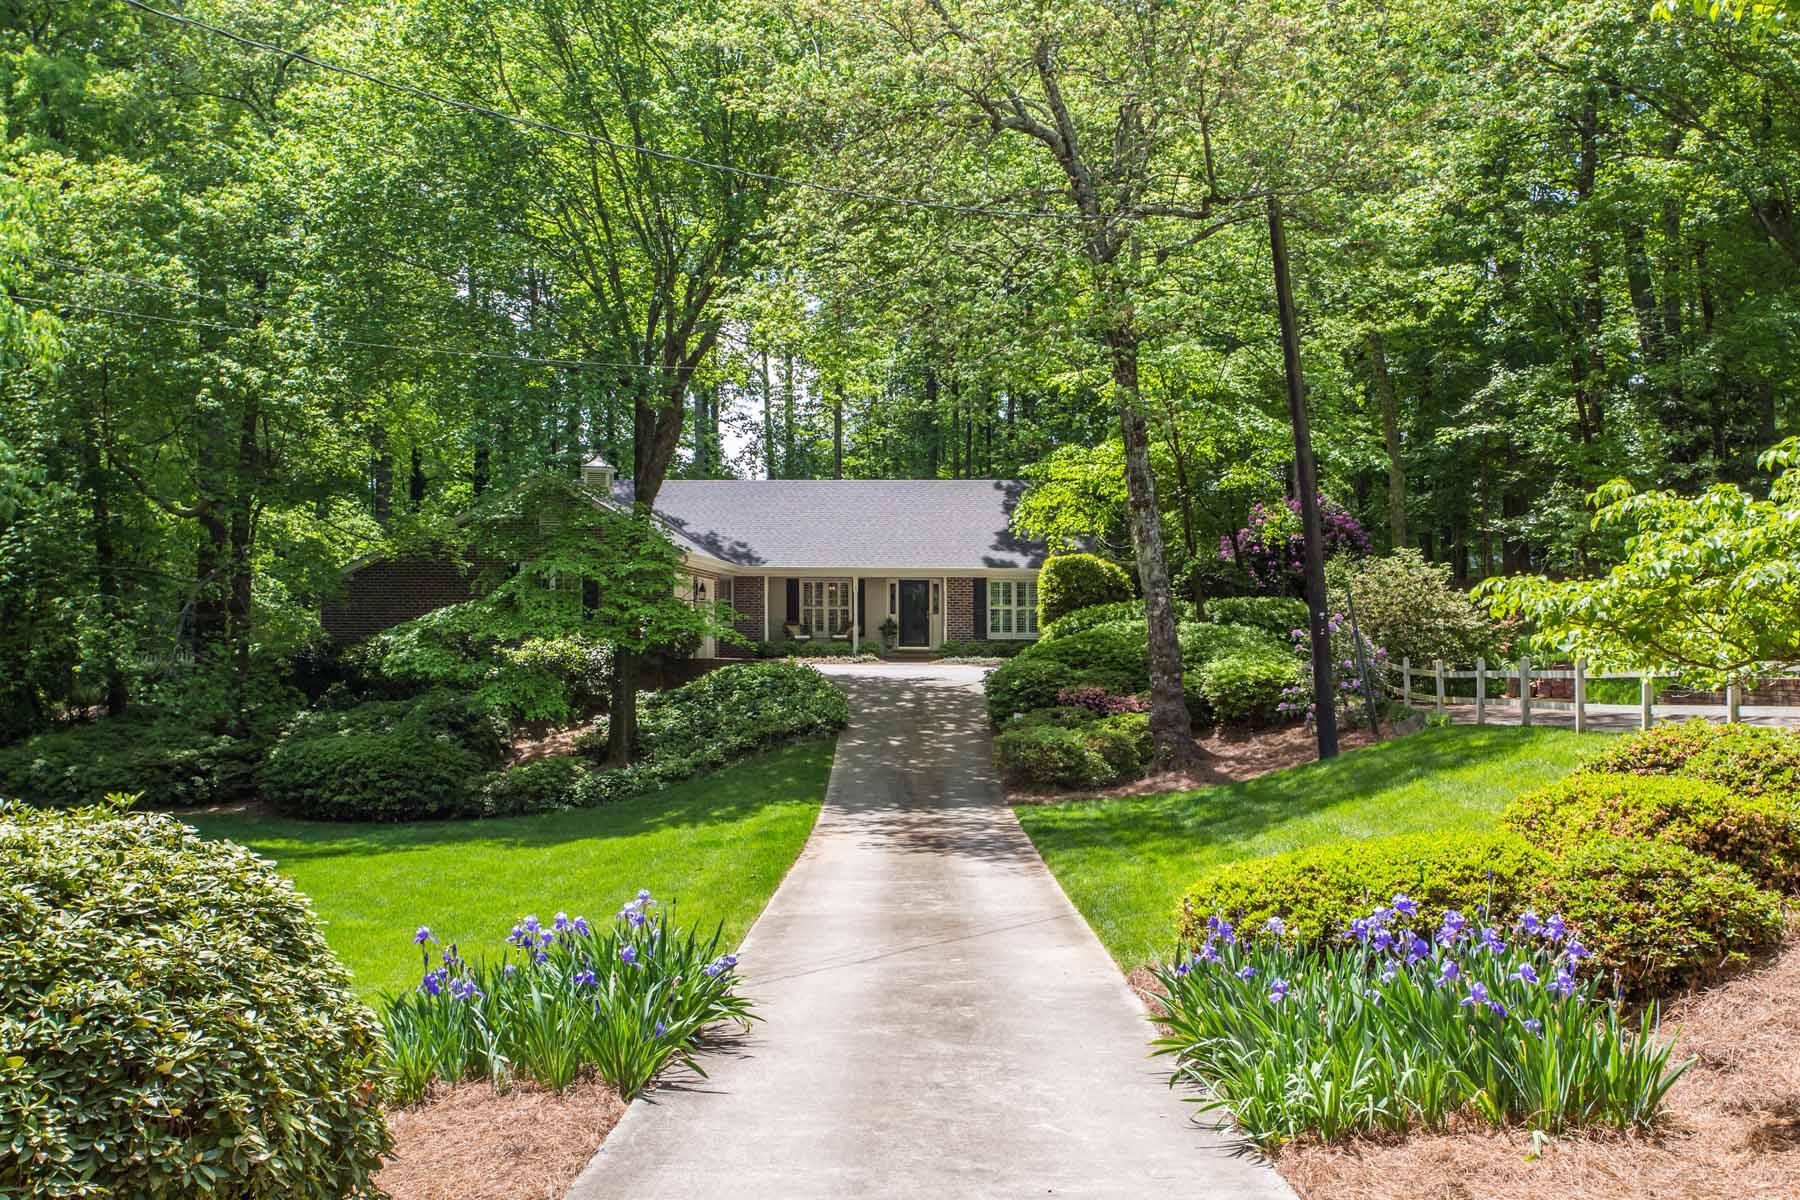 独户住宅 为 销售 在 Charming Brick Cottage on Gorgeous Lot 3521 Dunwoody Club Drive 亚特兰大, 乔治亚州, 30350 美国